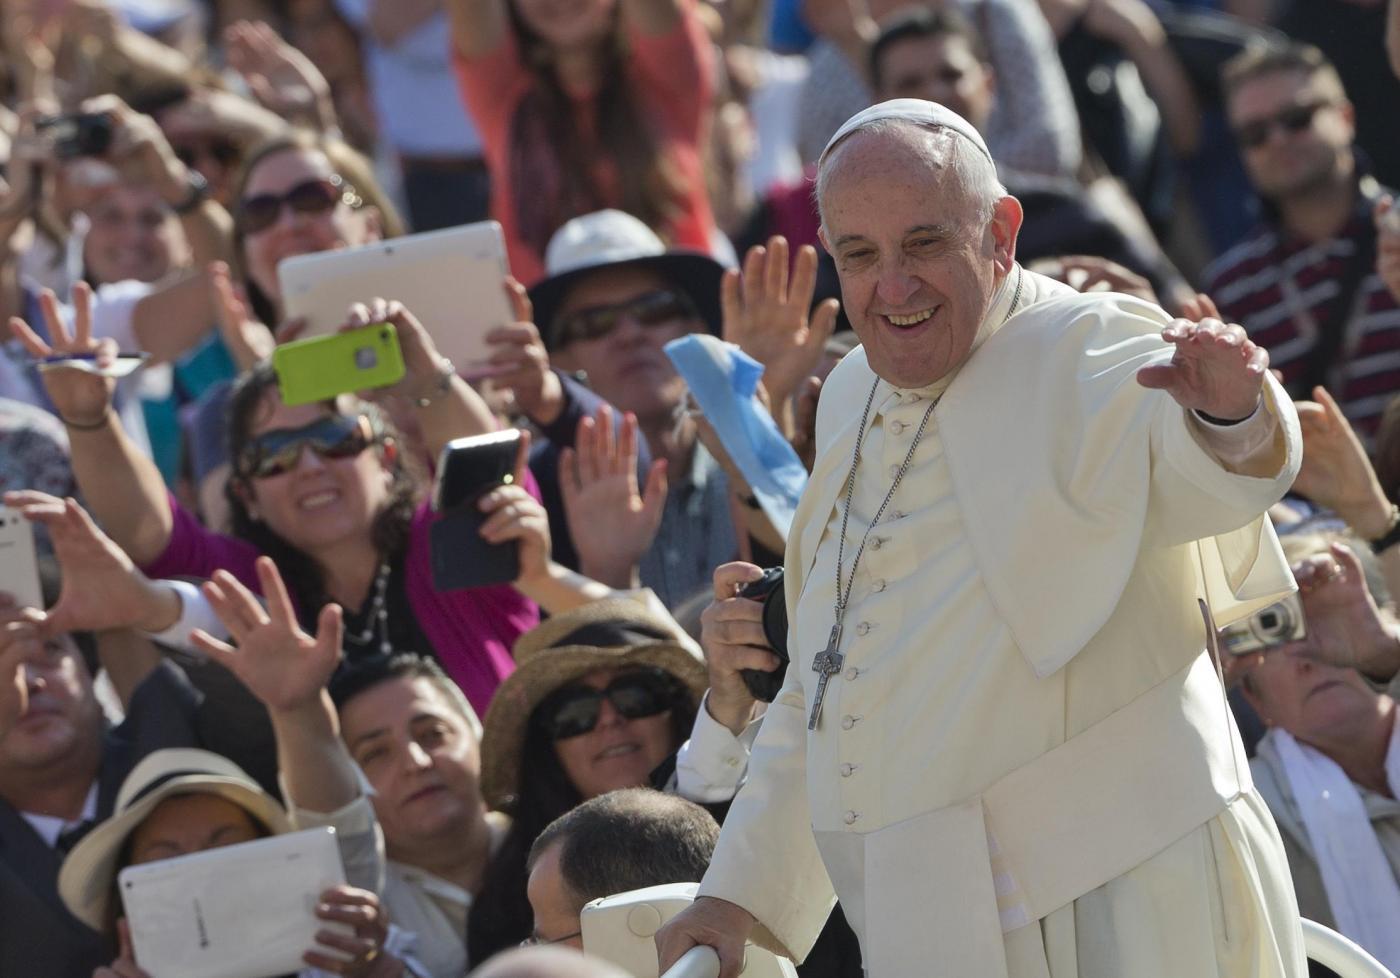 Separati e conviventi, la Chiesa cattolica è davvero pronta a fare scelte coraggiose?